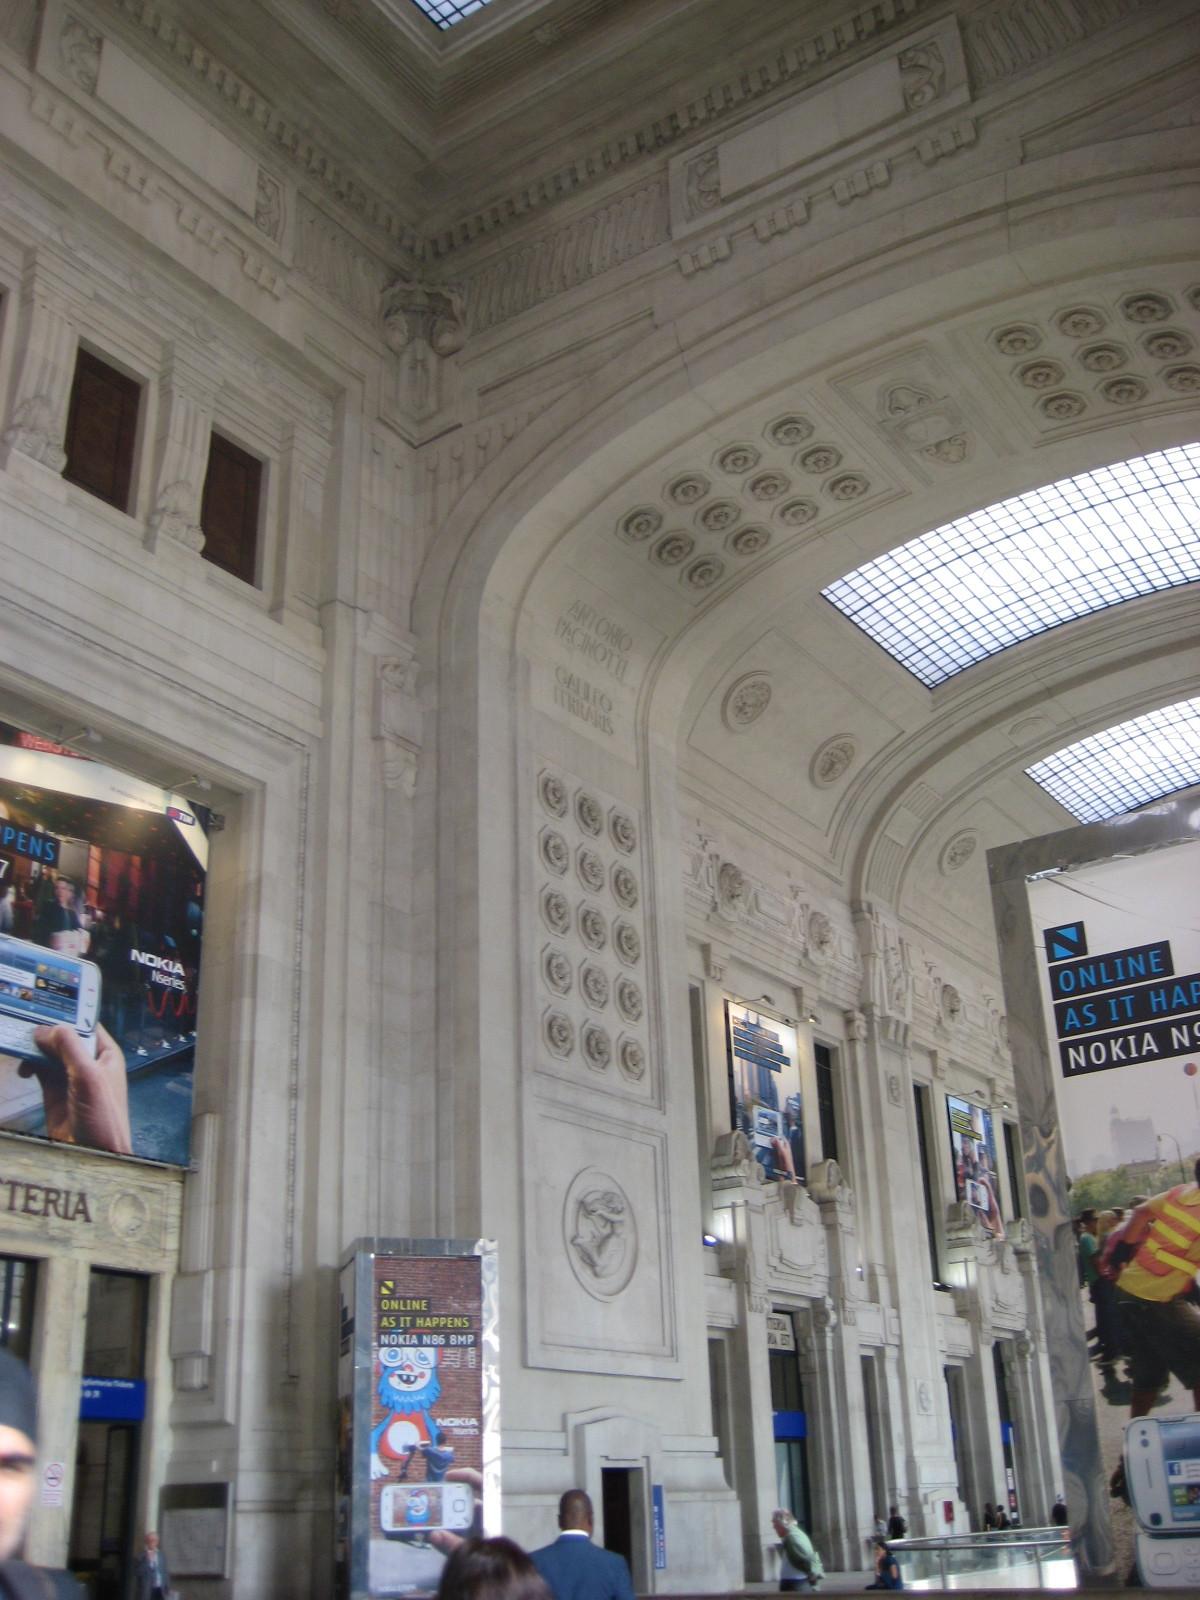 milan central station milan guided tour walking tour